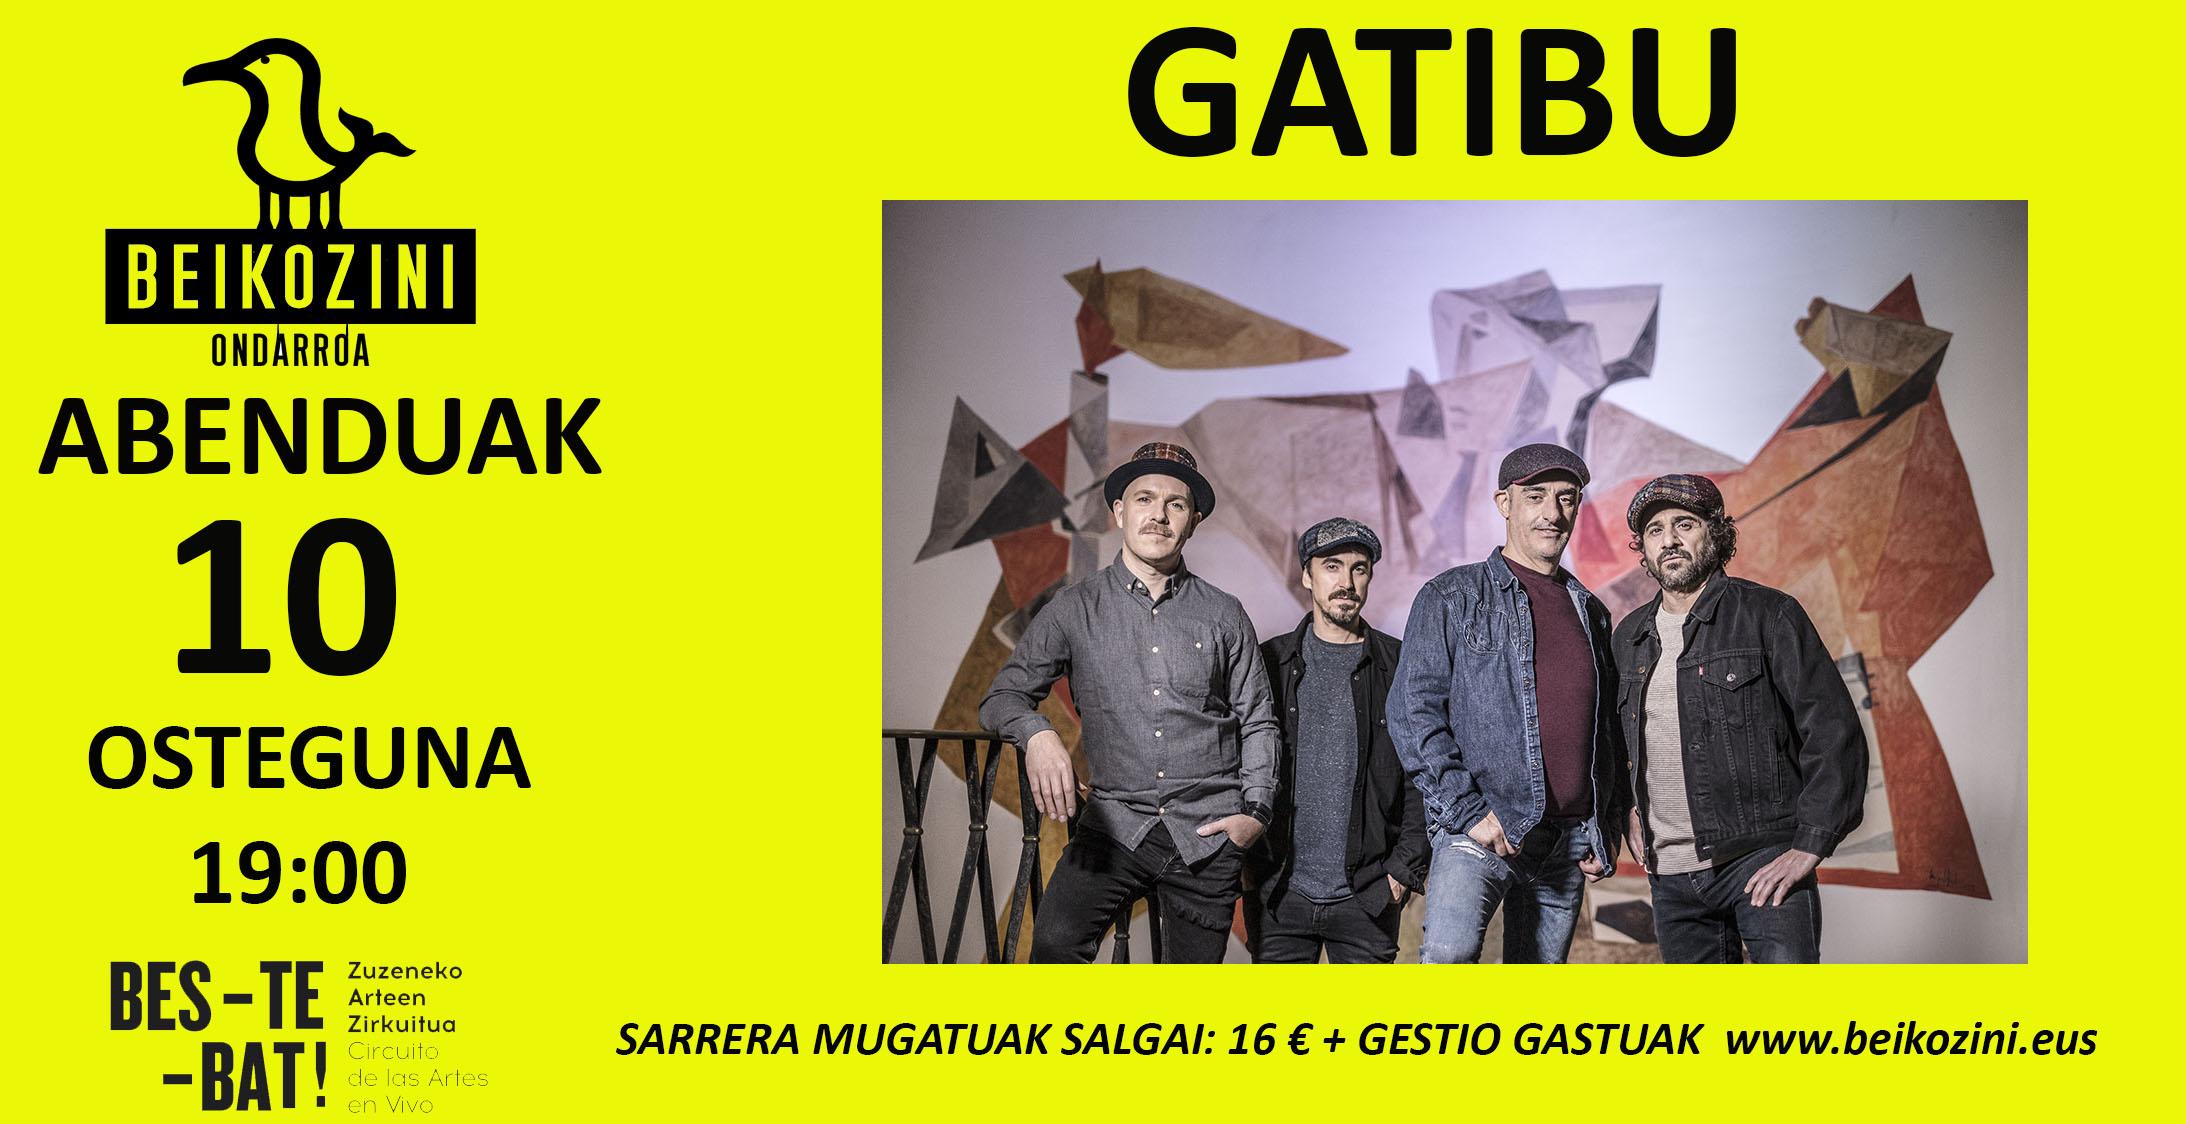 gatibu-slide